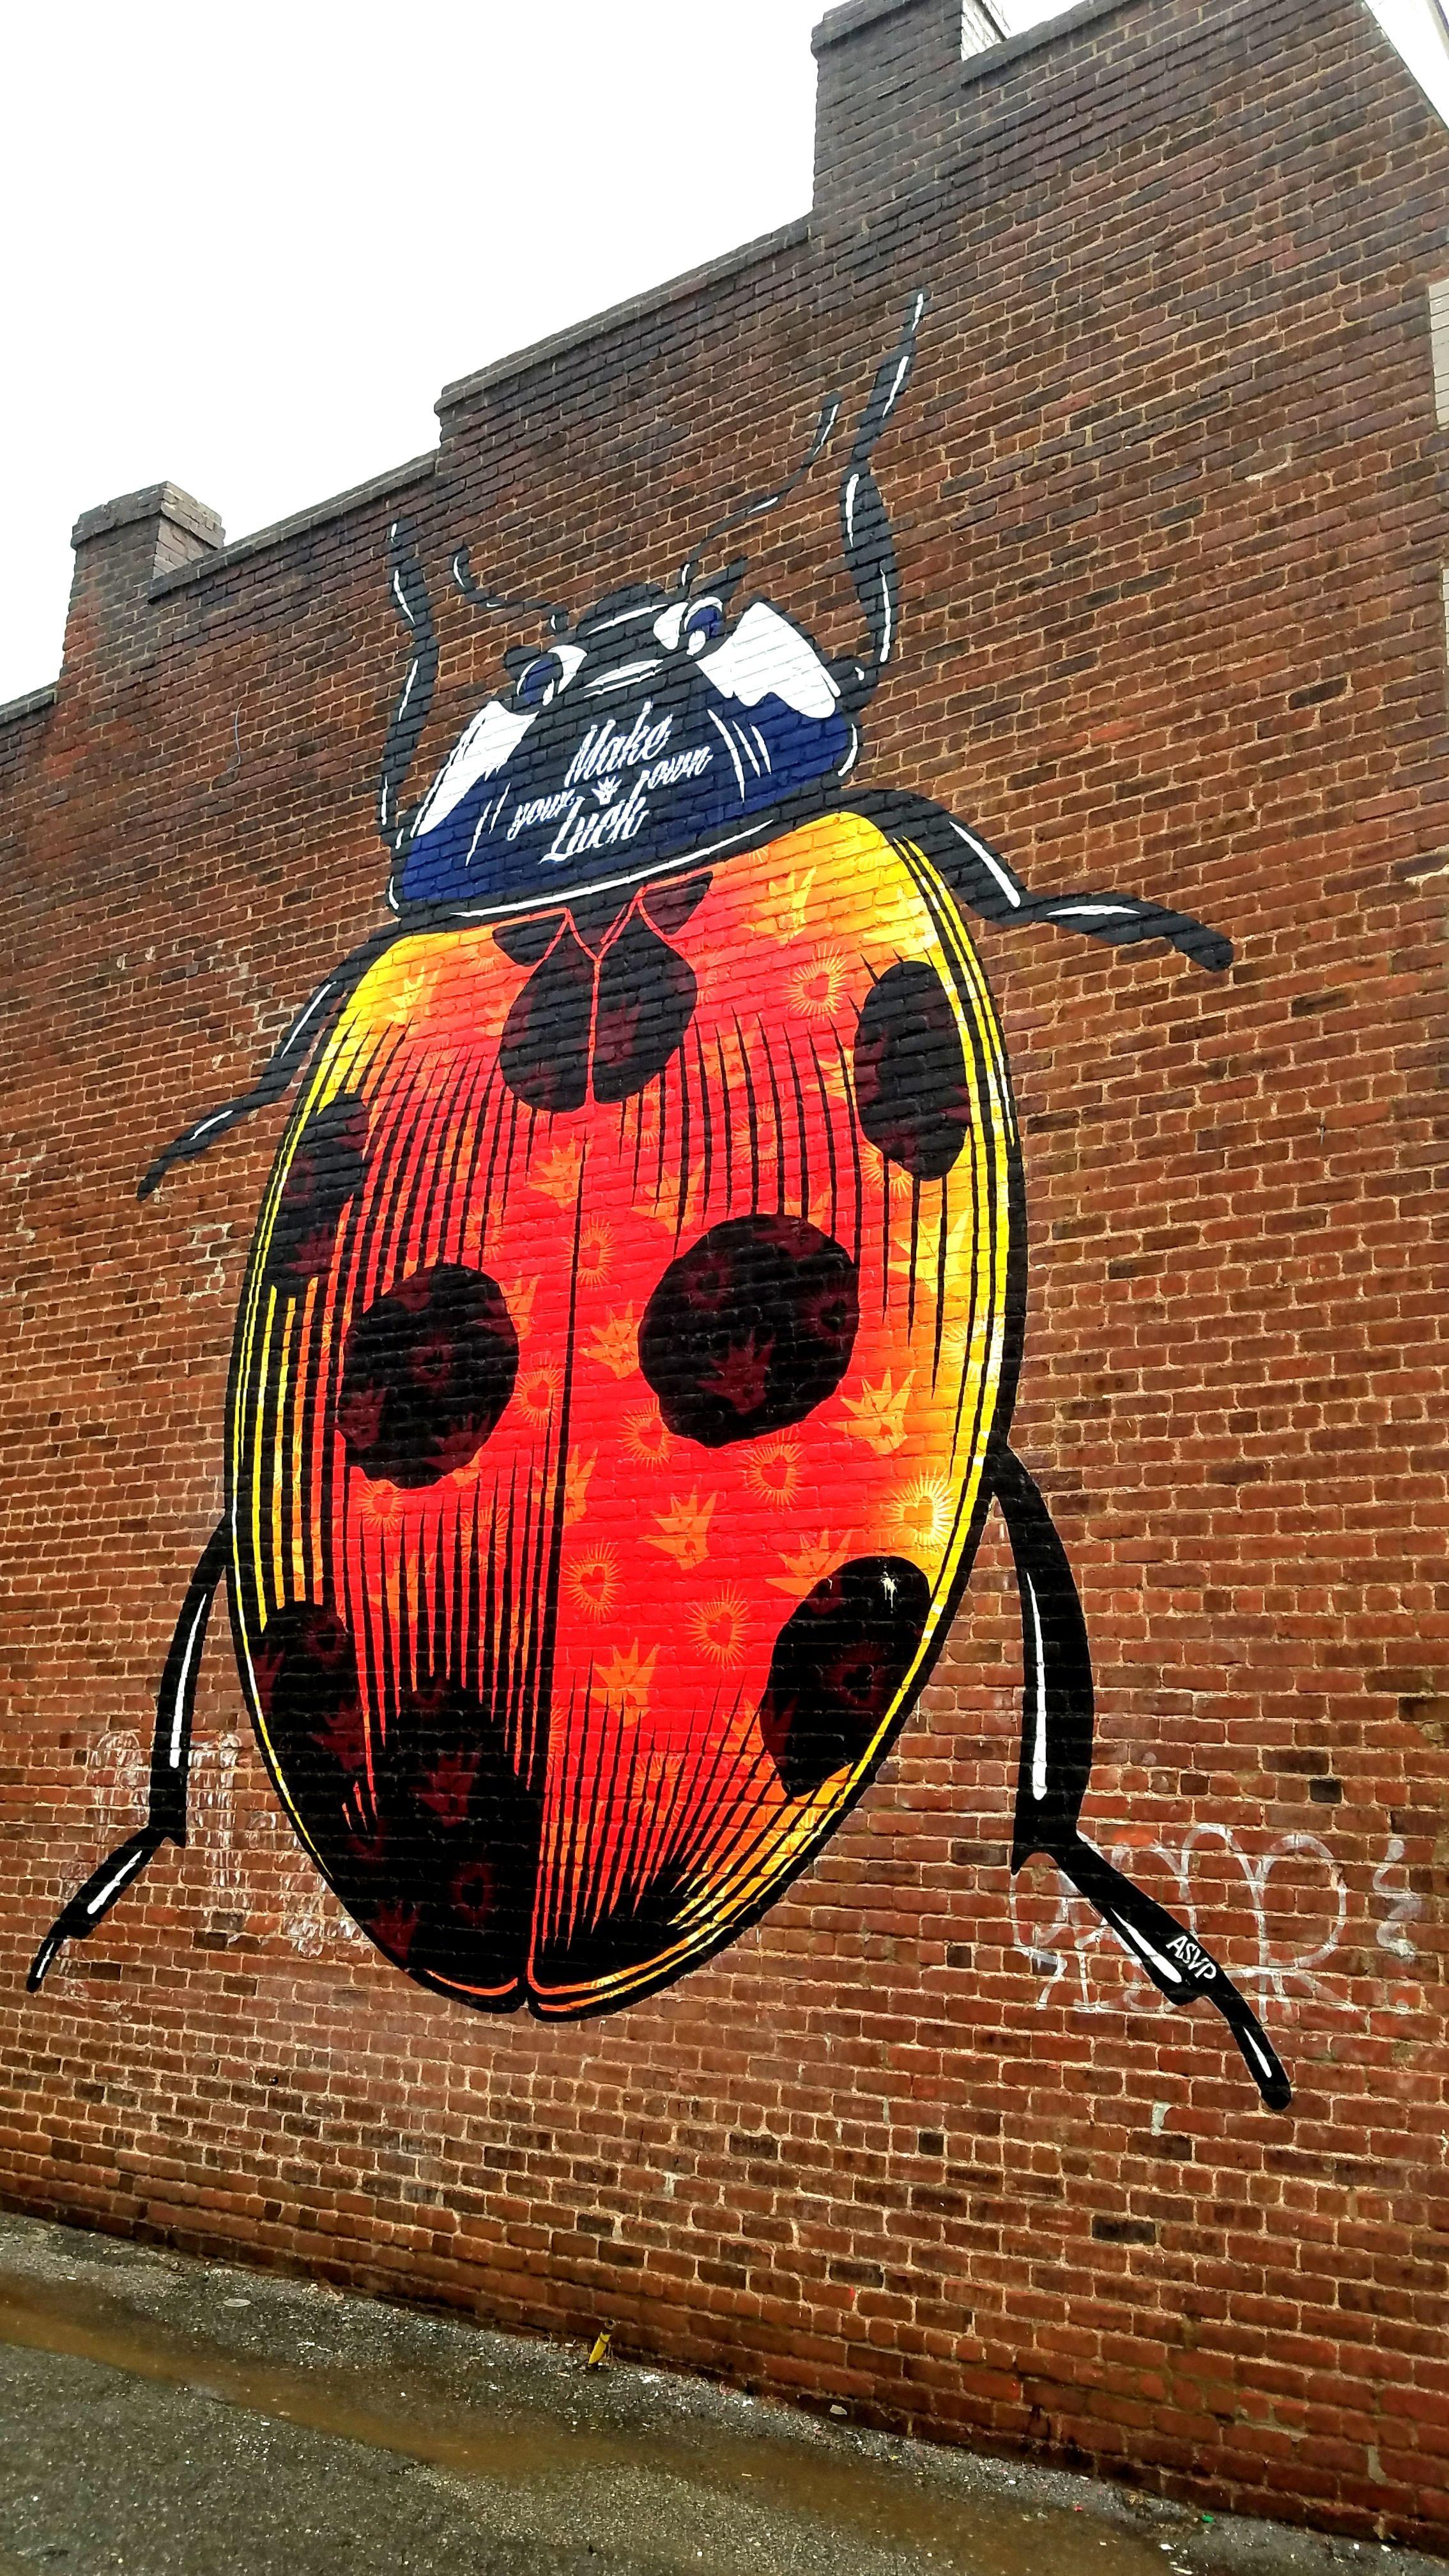 Richmond, VA Street Art & Graffiti. There is an